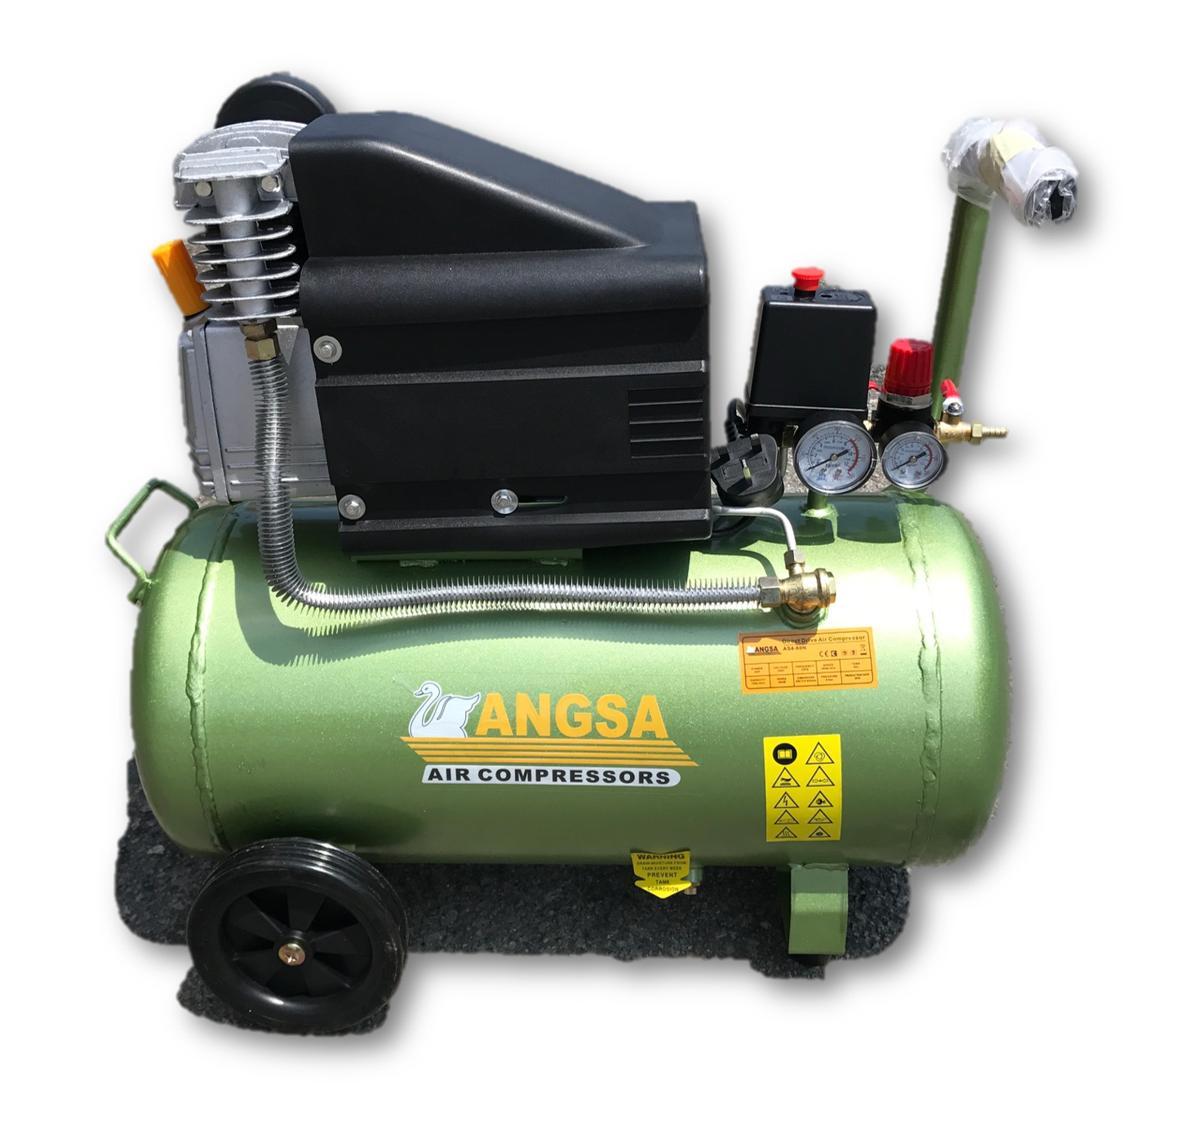 Angsa AS4-60N 4.0HP 60Liter Direct Driven Air Compressor (Taiwan)